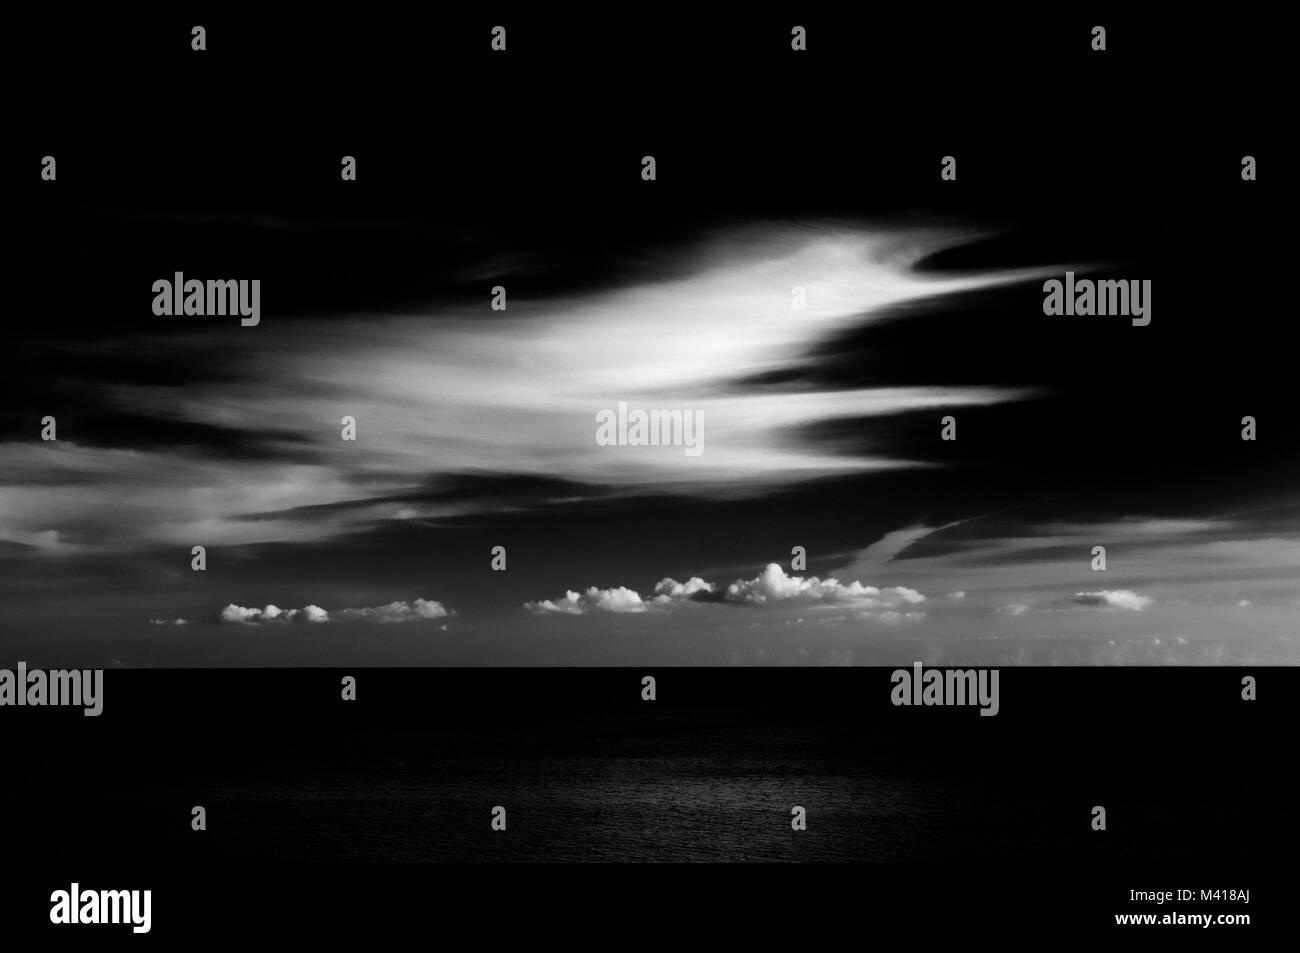 L'image monochrome à fort contraste contemporain de substitution, les formations nuageuses sur une mer Photo Stock